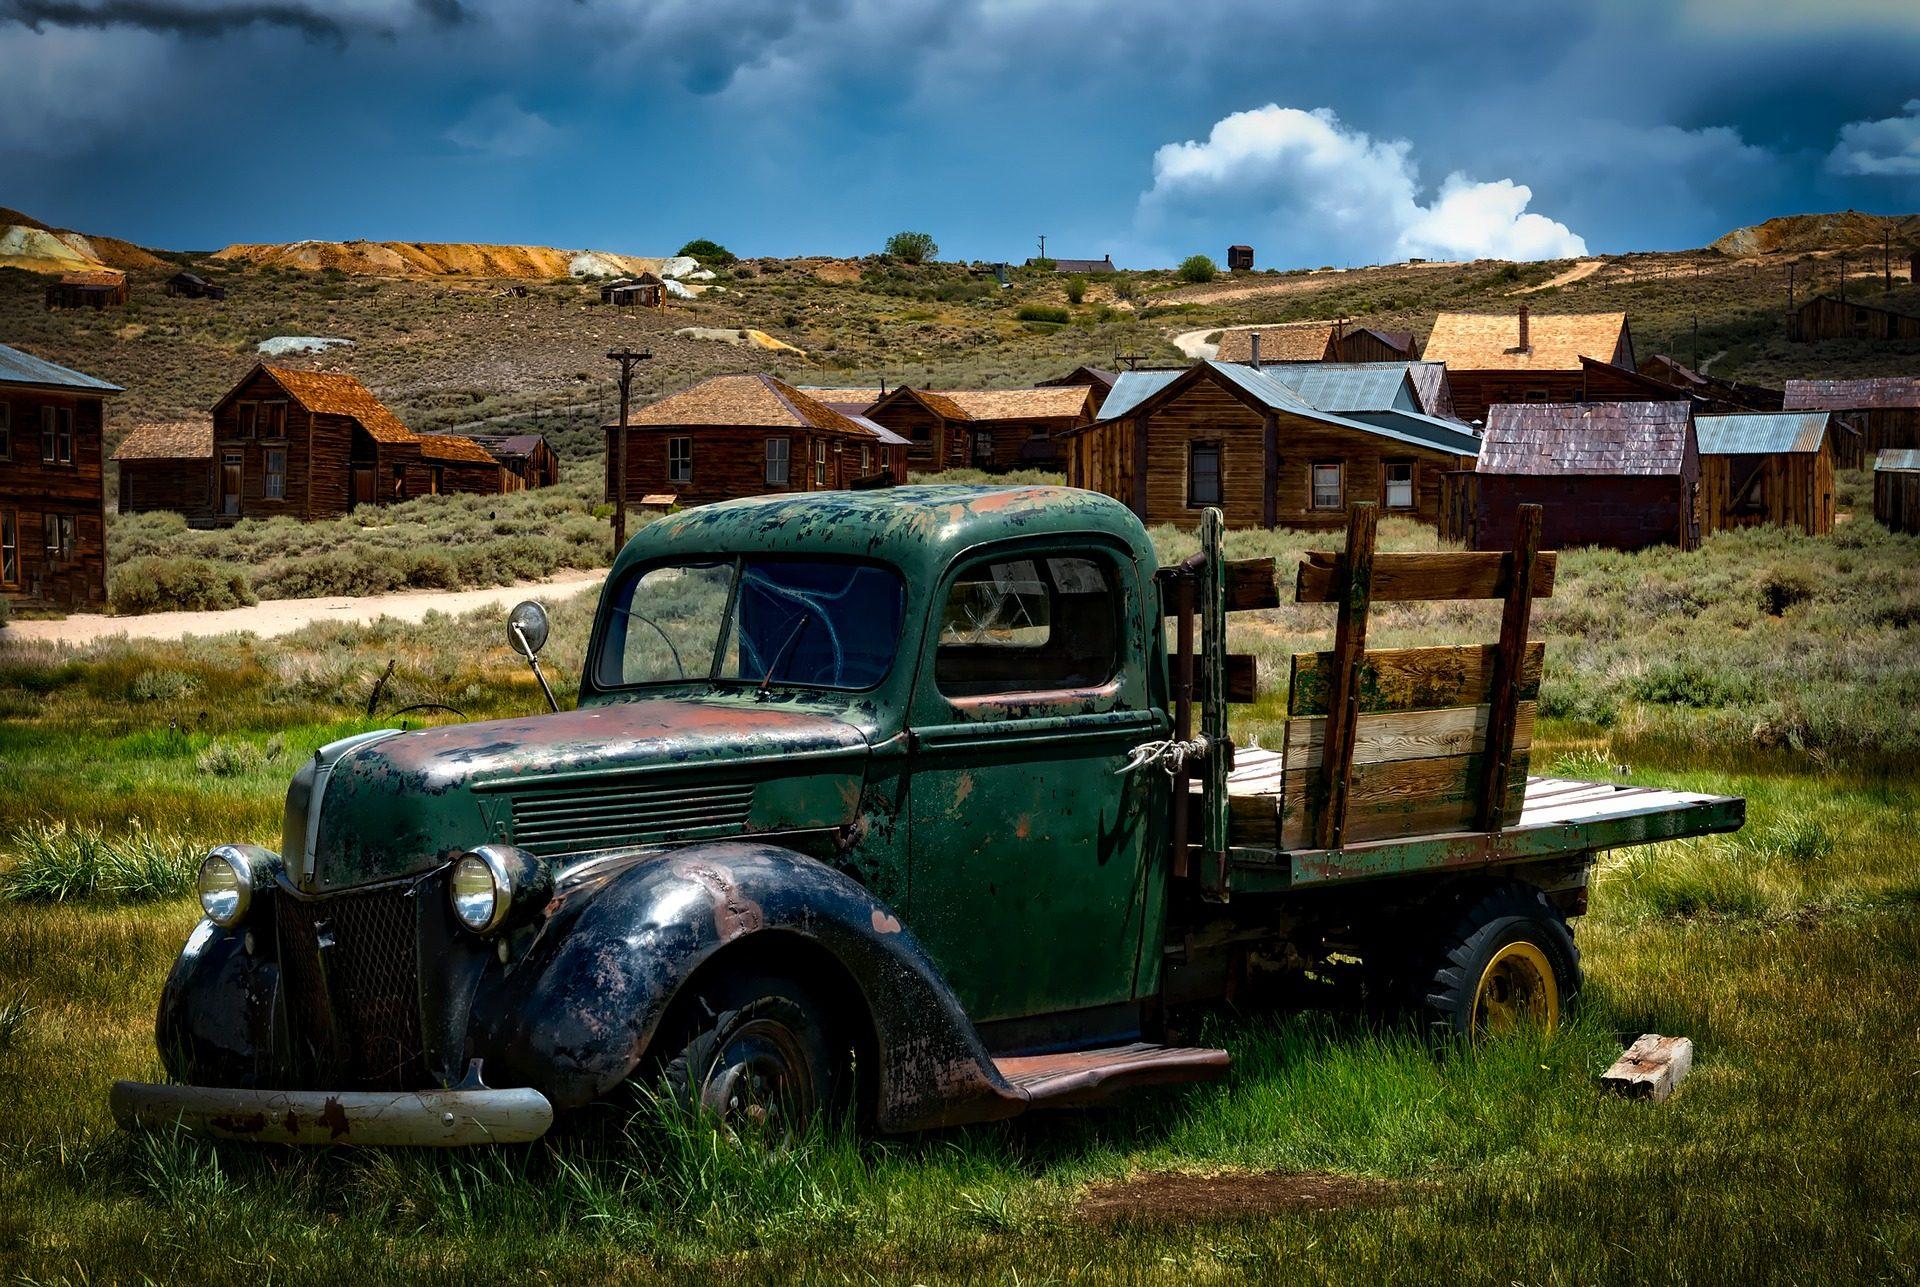 سيارات, شاحنة, التخلي عن, القديمة, قرية, أكواخ - خلفيات عالية الدقة - أستاذ falken.com